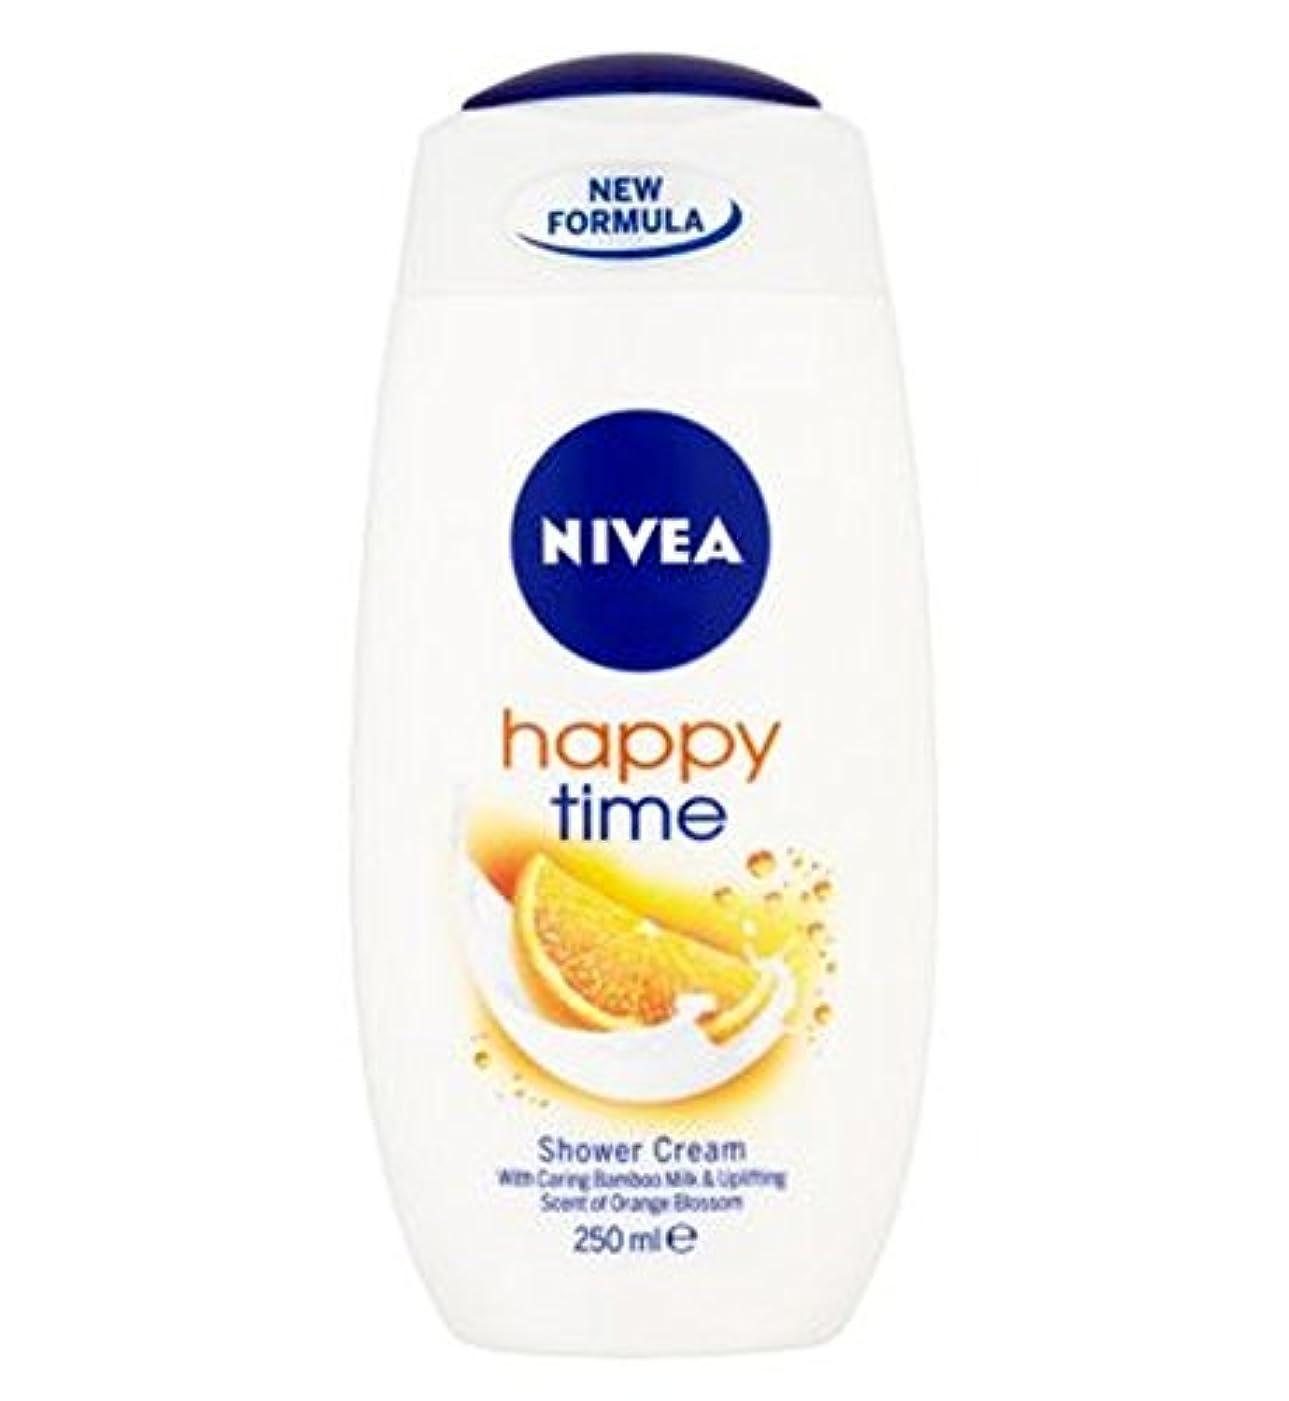 効能知らせる請負業者ニベア幸せな時間シャワークリーム250ミリリットル (Nivea) (x2) - NIVEA Happy Time Shower Cream 250ml (Pack of 2) [並行輸入品]